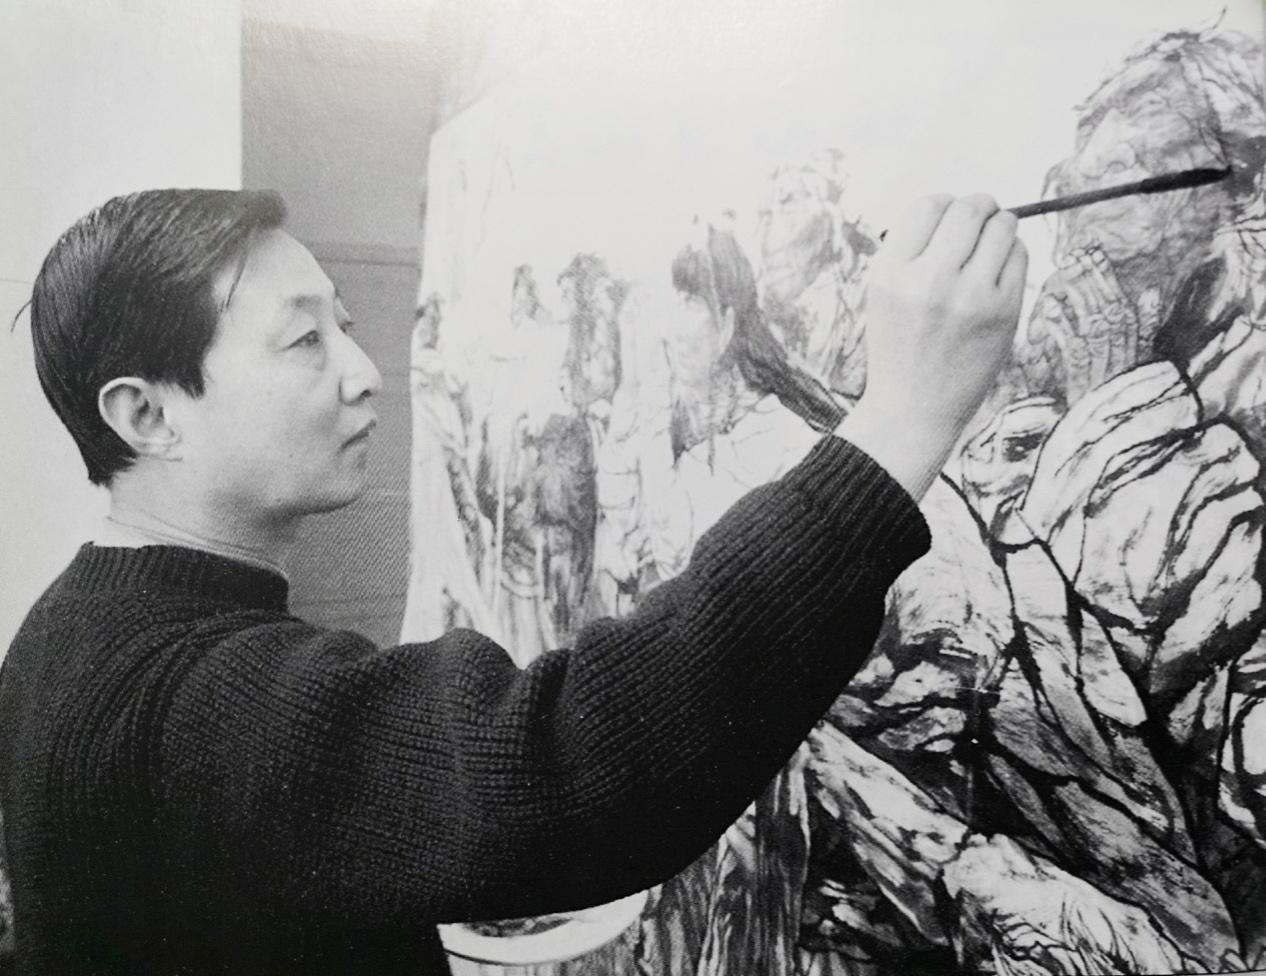 20世纪杰出的现实主义画家李伯安画展